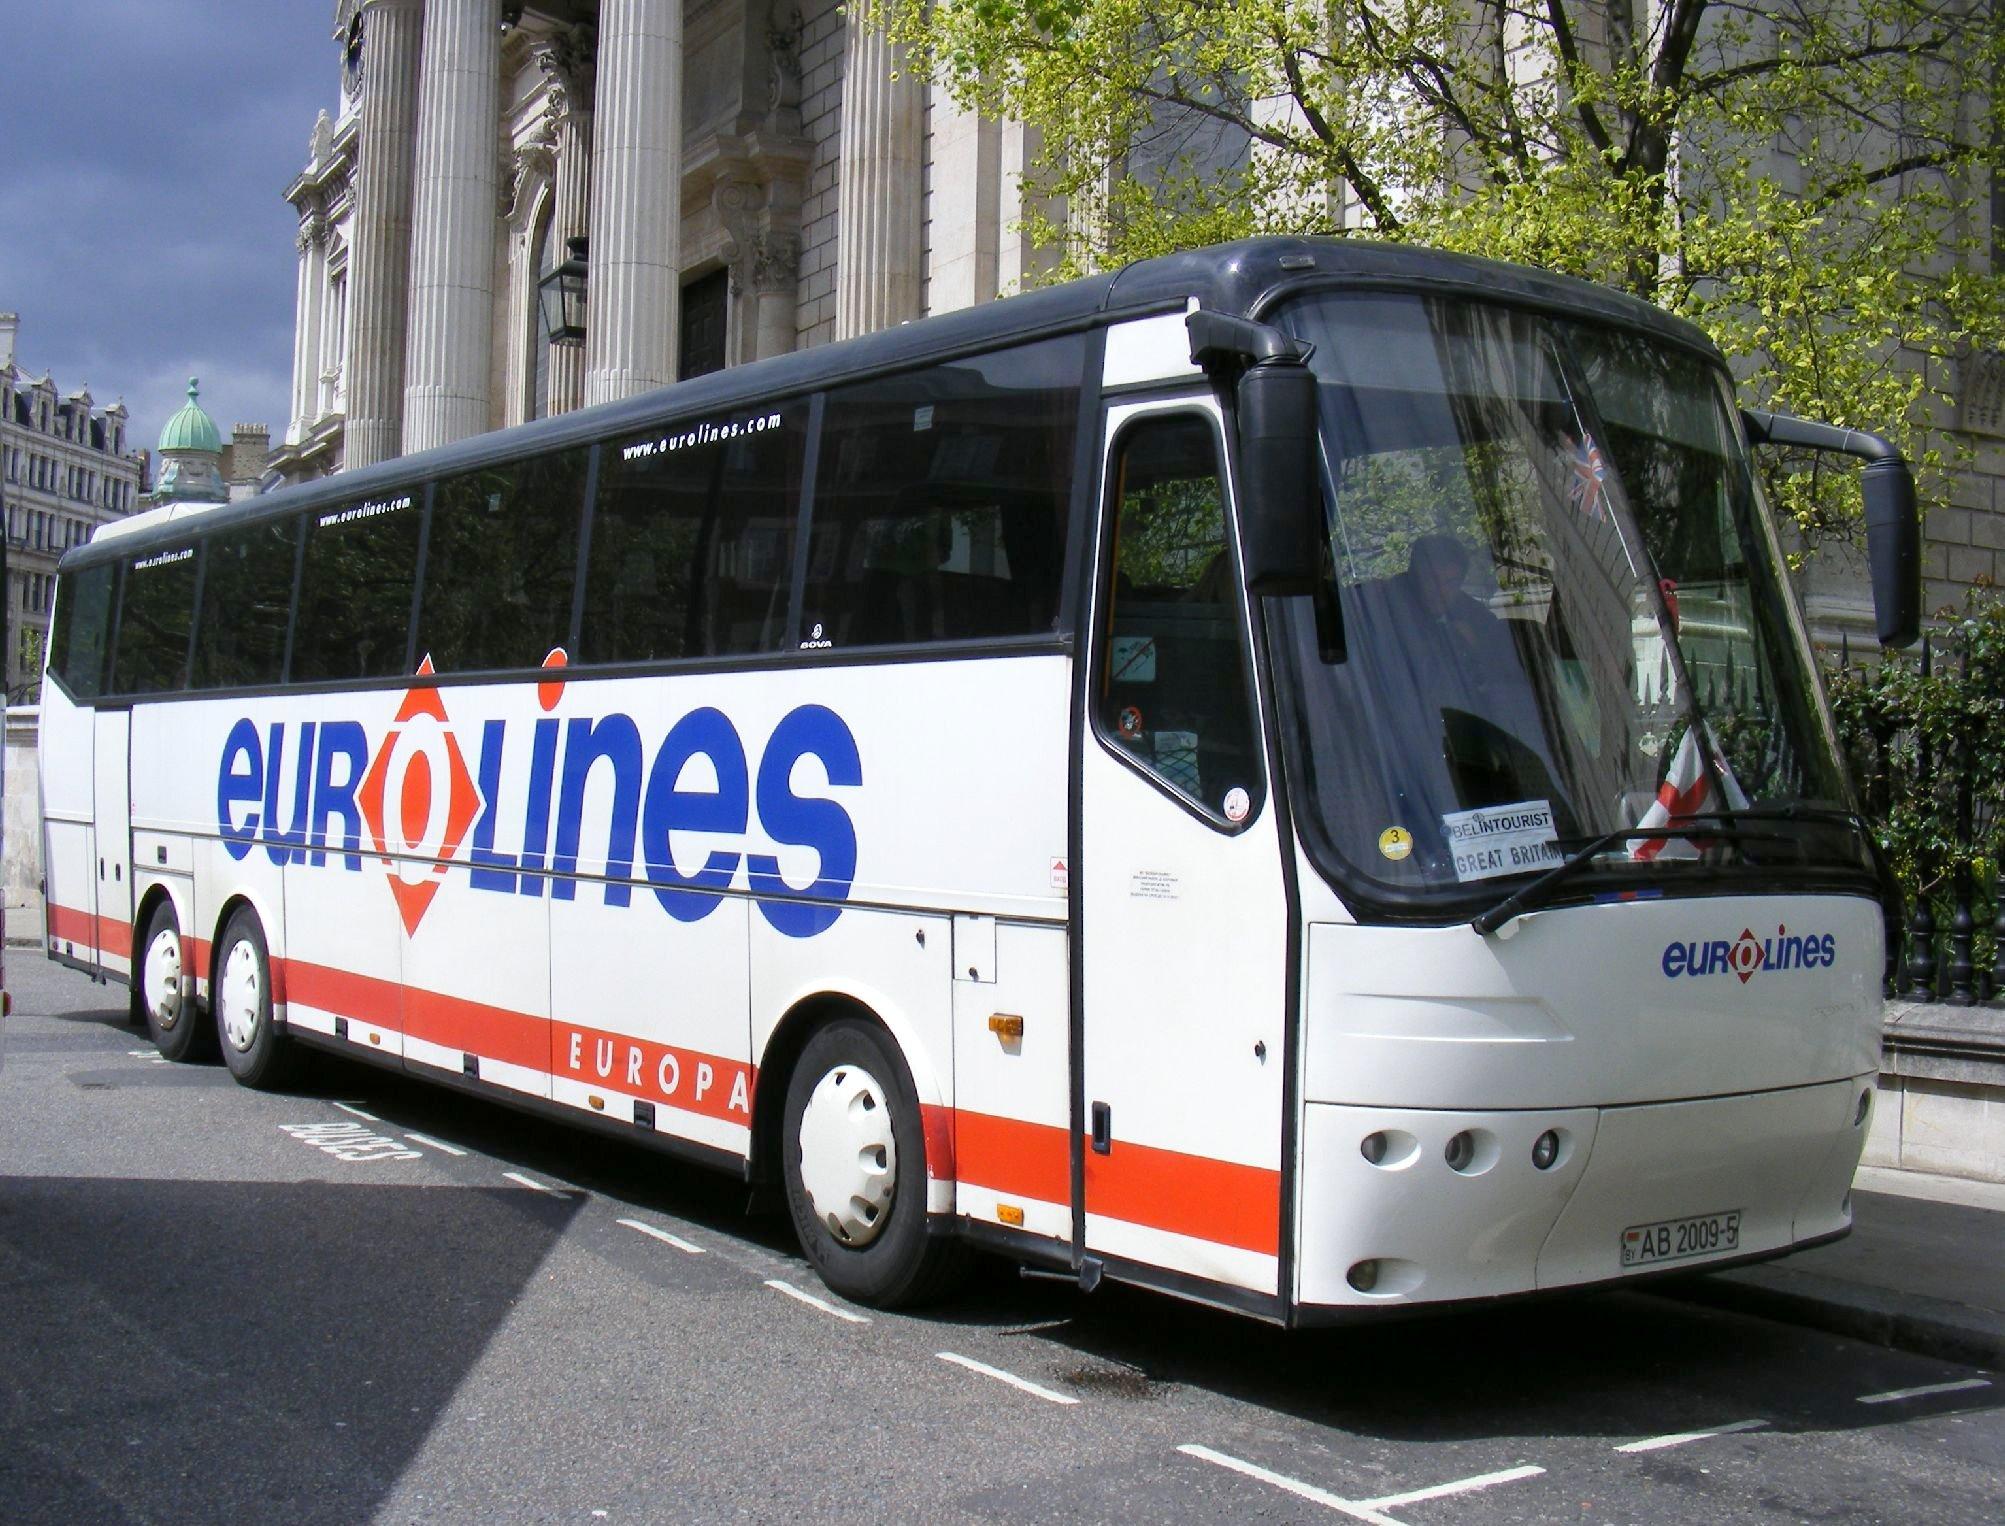 Cosa evitare di fare viaggio in autobus europa